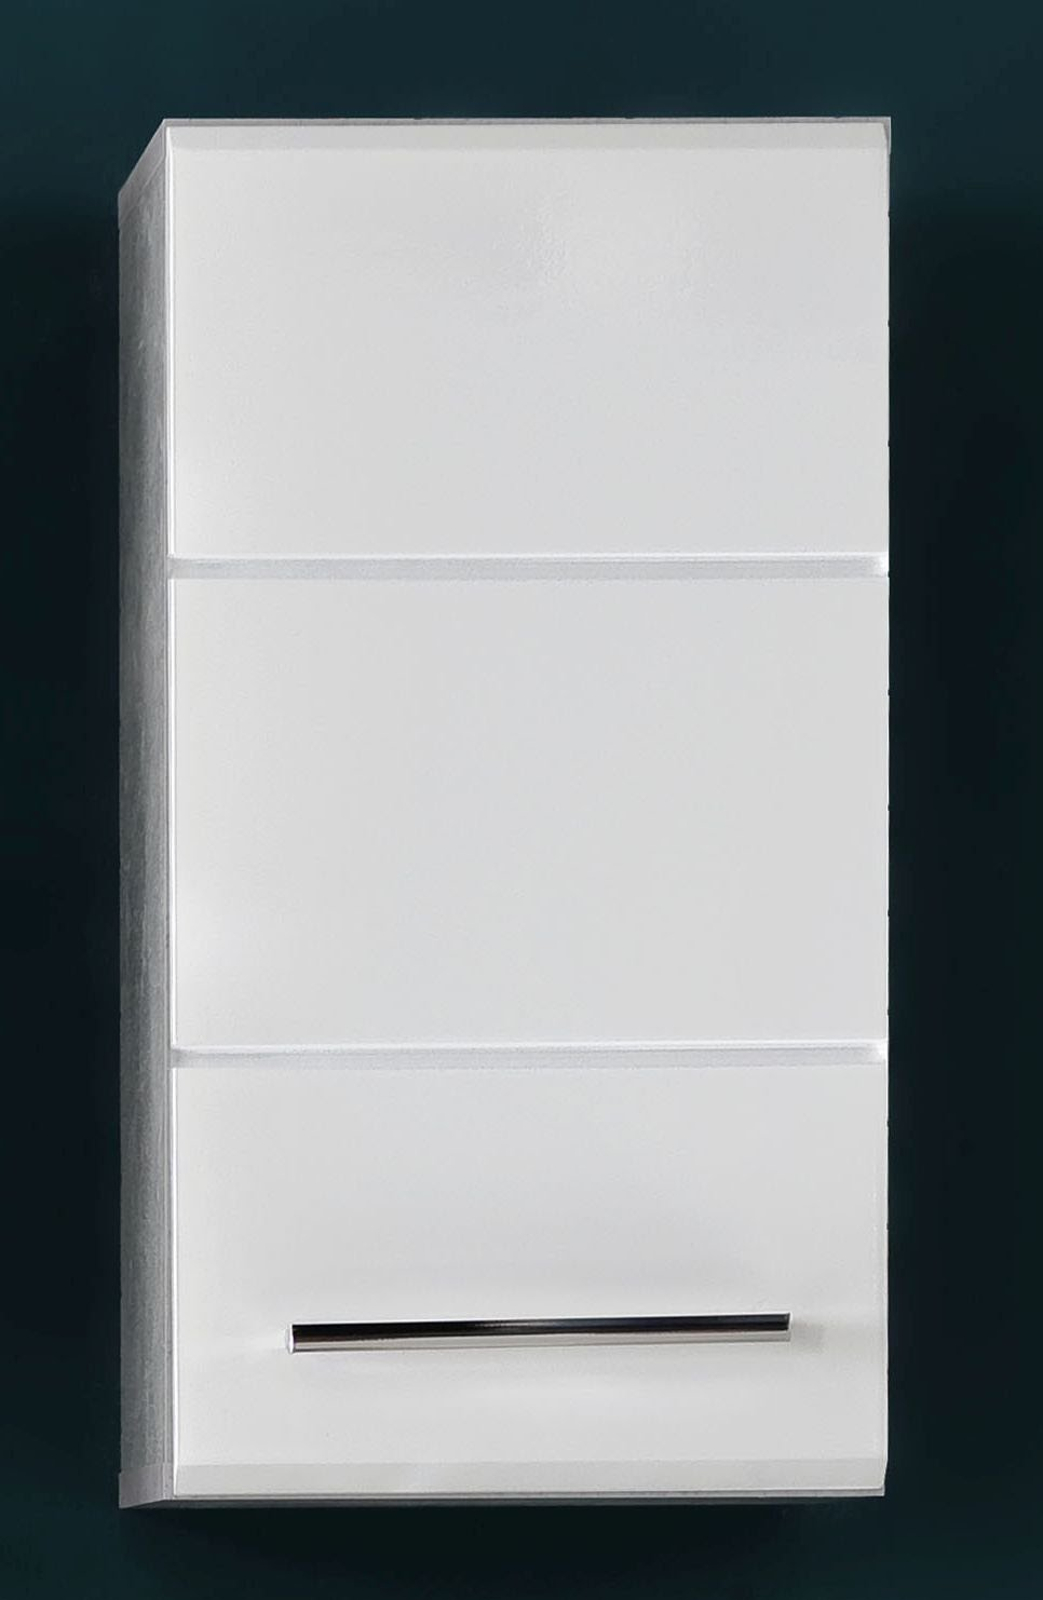 bad h ngeschrank nano wei hochglanz und stone grau. Black Bedroom Furniture Sets. Home Design Ideas